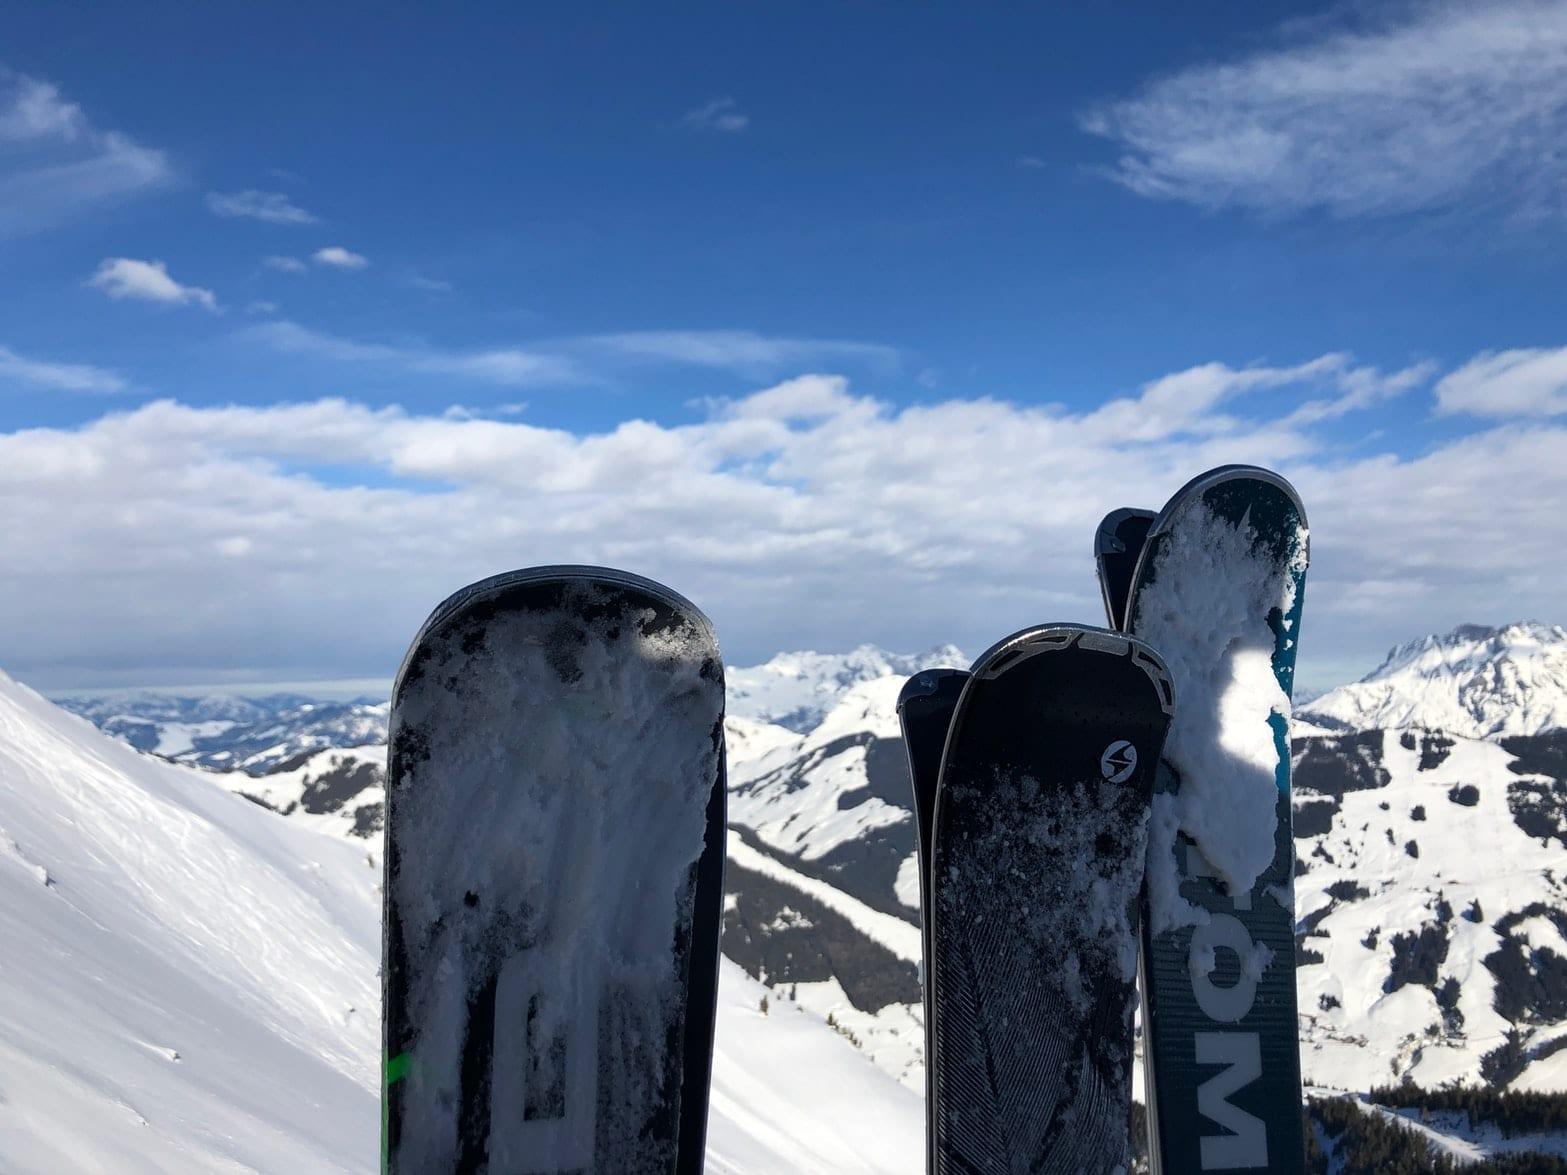 ski hire mountain view